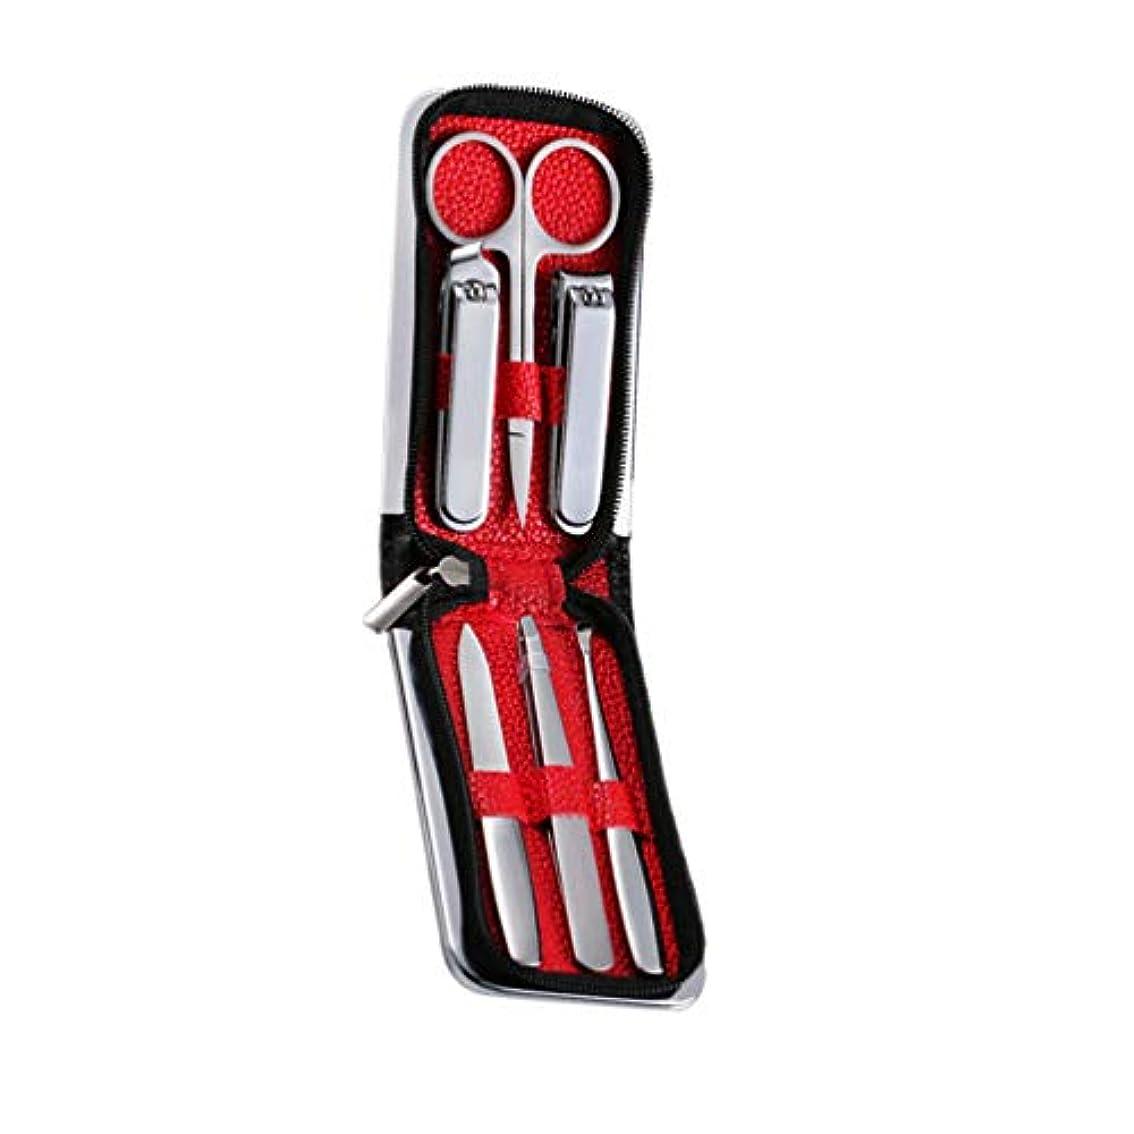 耐えられるサーカスルネッサンスHeallily 爪切り、男性の女性のためのケースステンレス鋼の爪カッタートリマーマニキュアツールキットとセット爪切りマニキュアツールの1セットは、屋外旅行(黒)